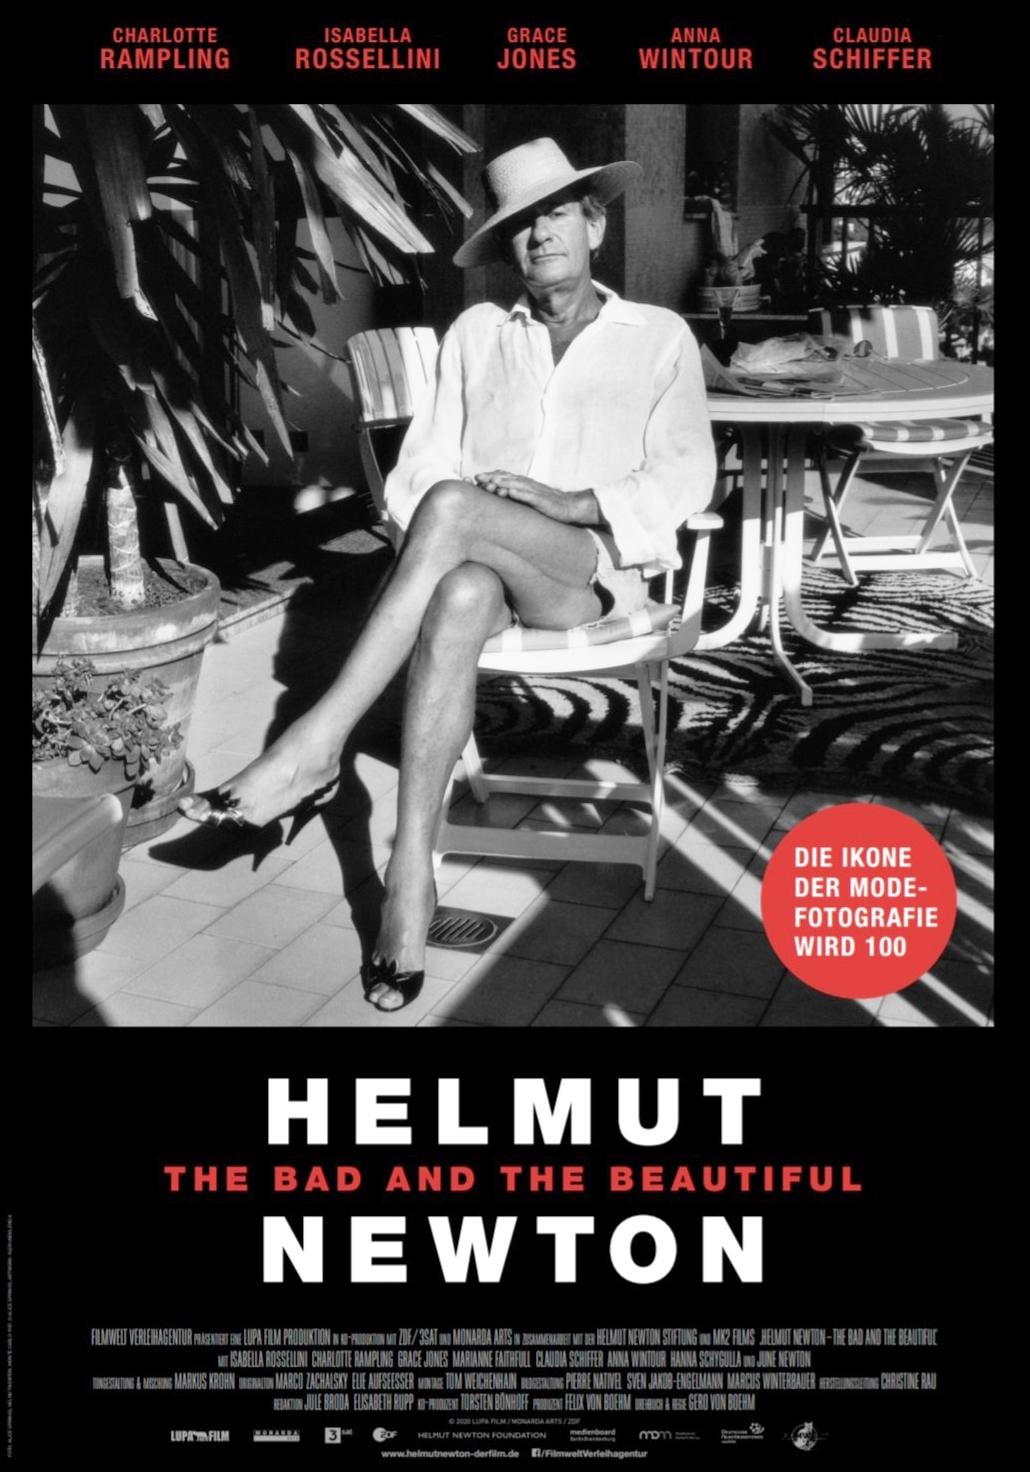 Die besten Fashion Dokus aller Zeiten: Helmut Newton - The bad and the beautiful